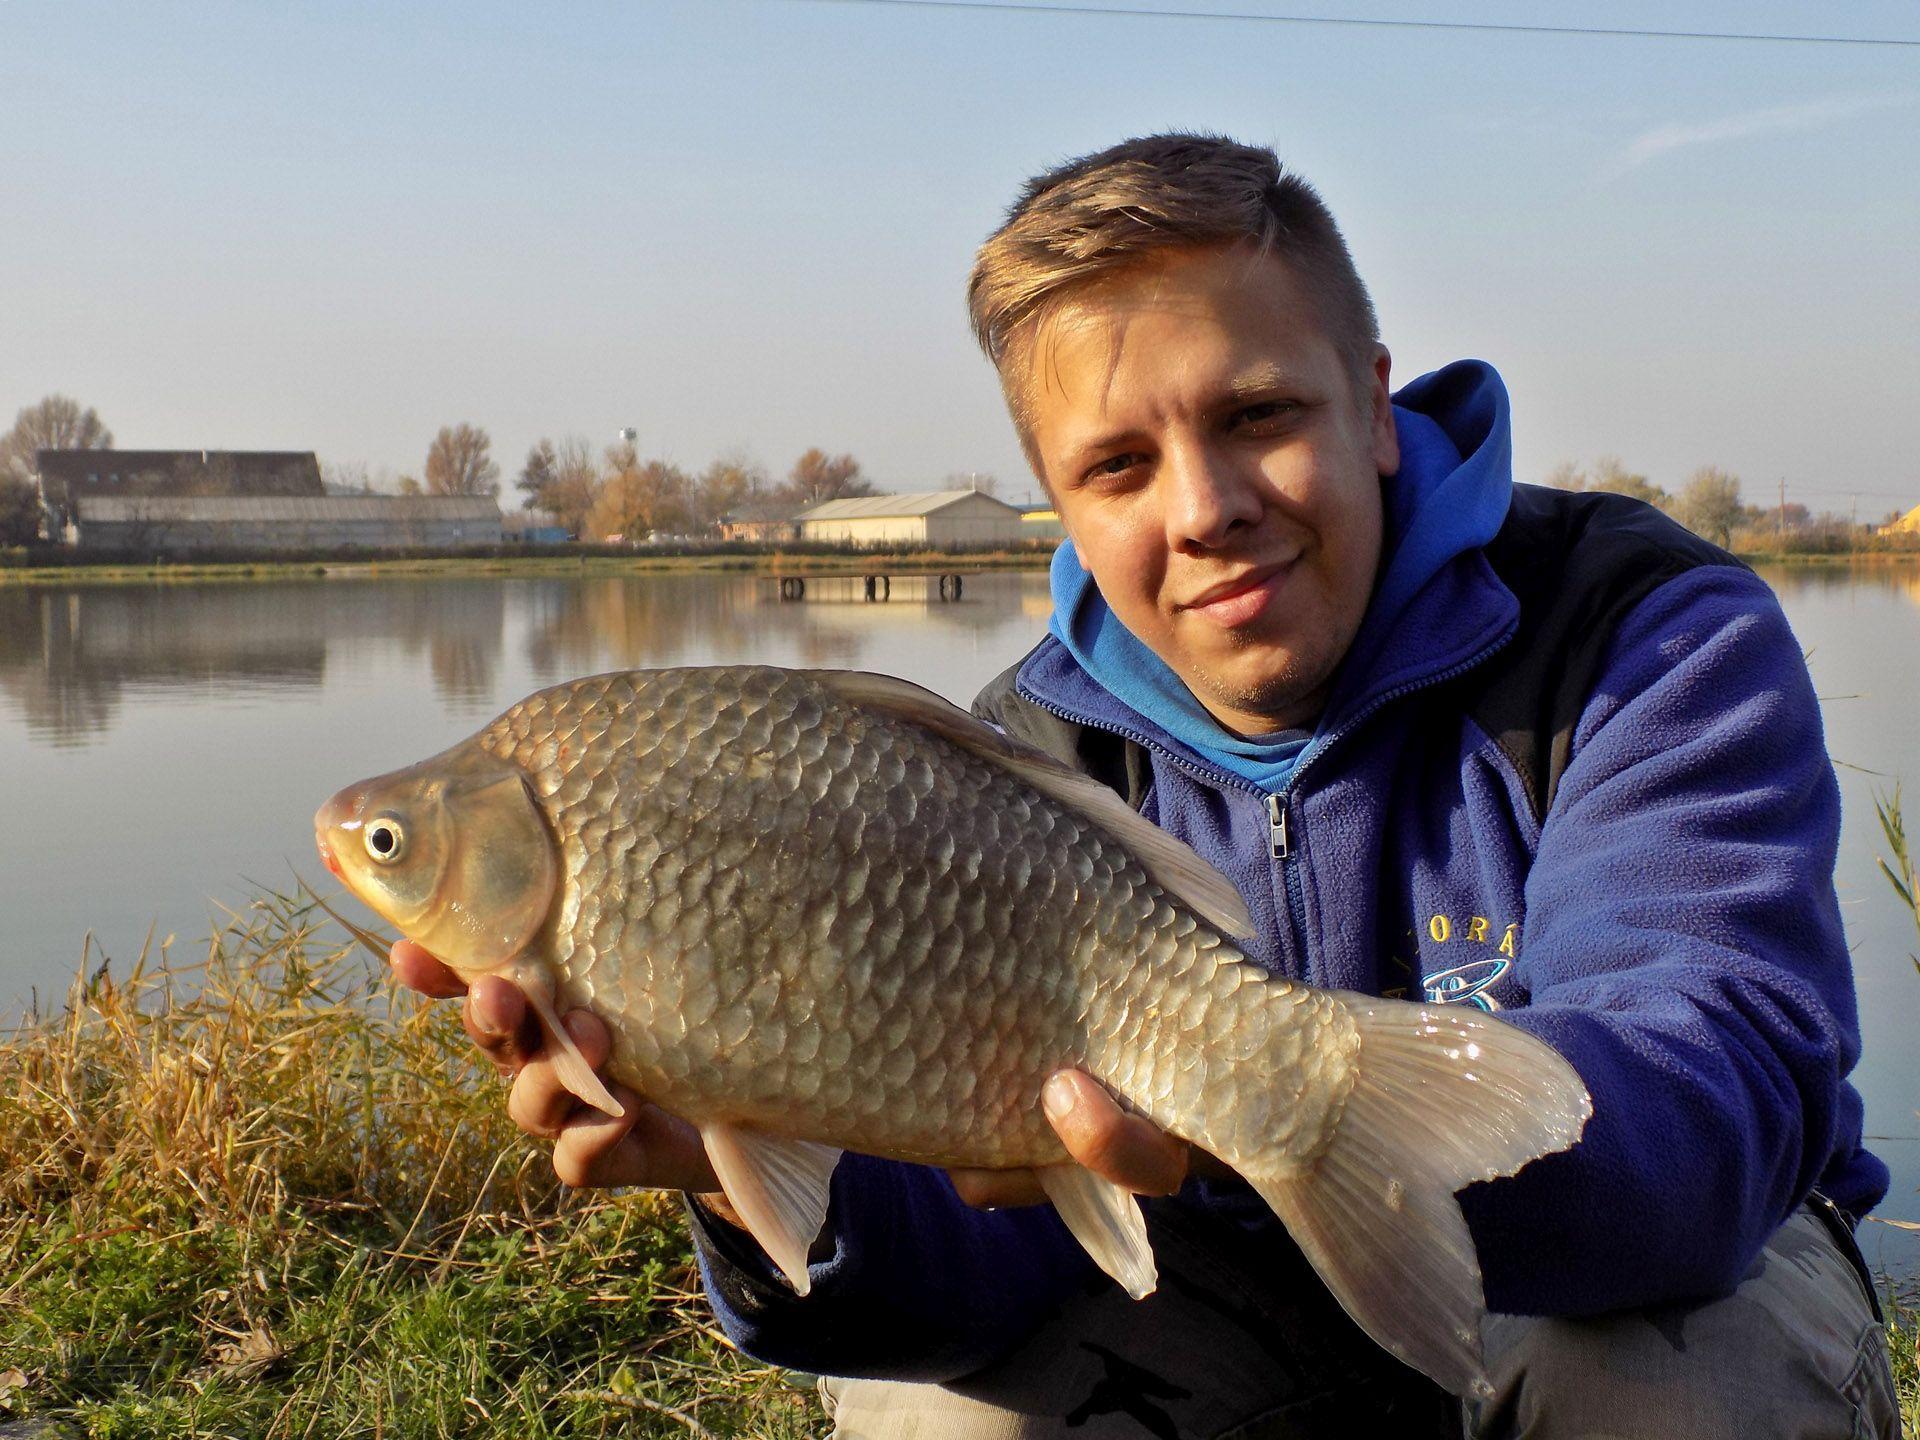 A horgászat folyamán a nagytestű kárászok megfogása ugyanolyan örömet jelentett…